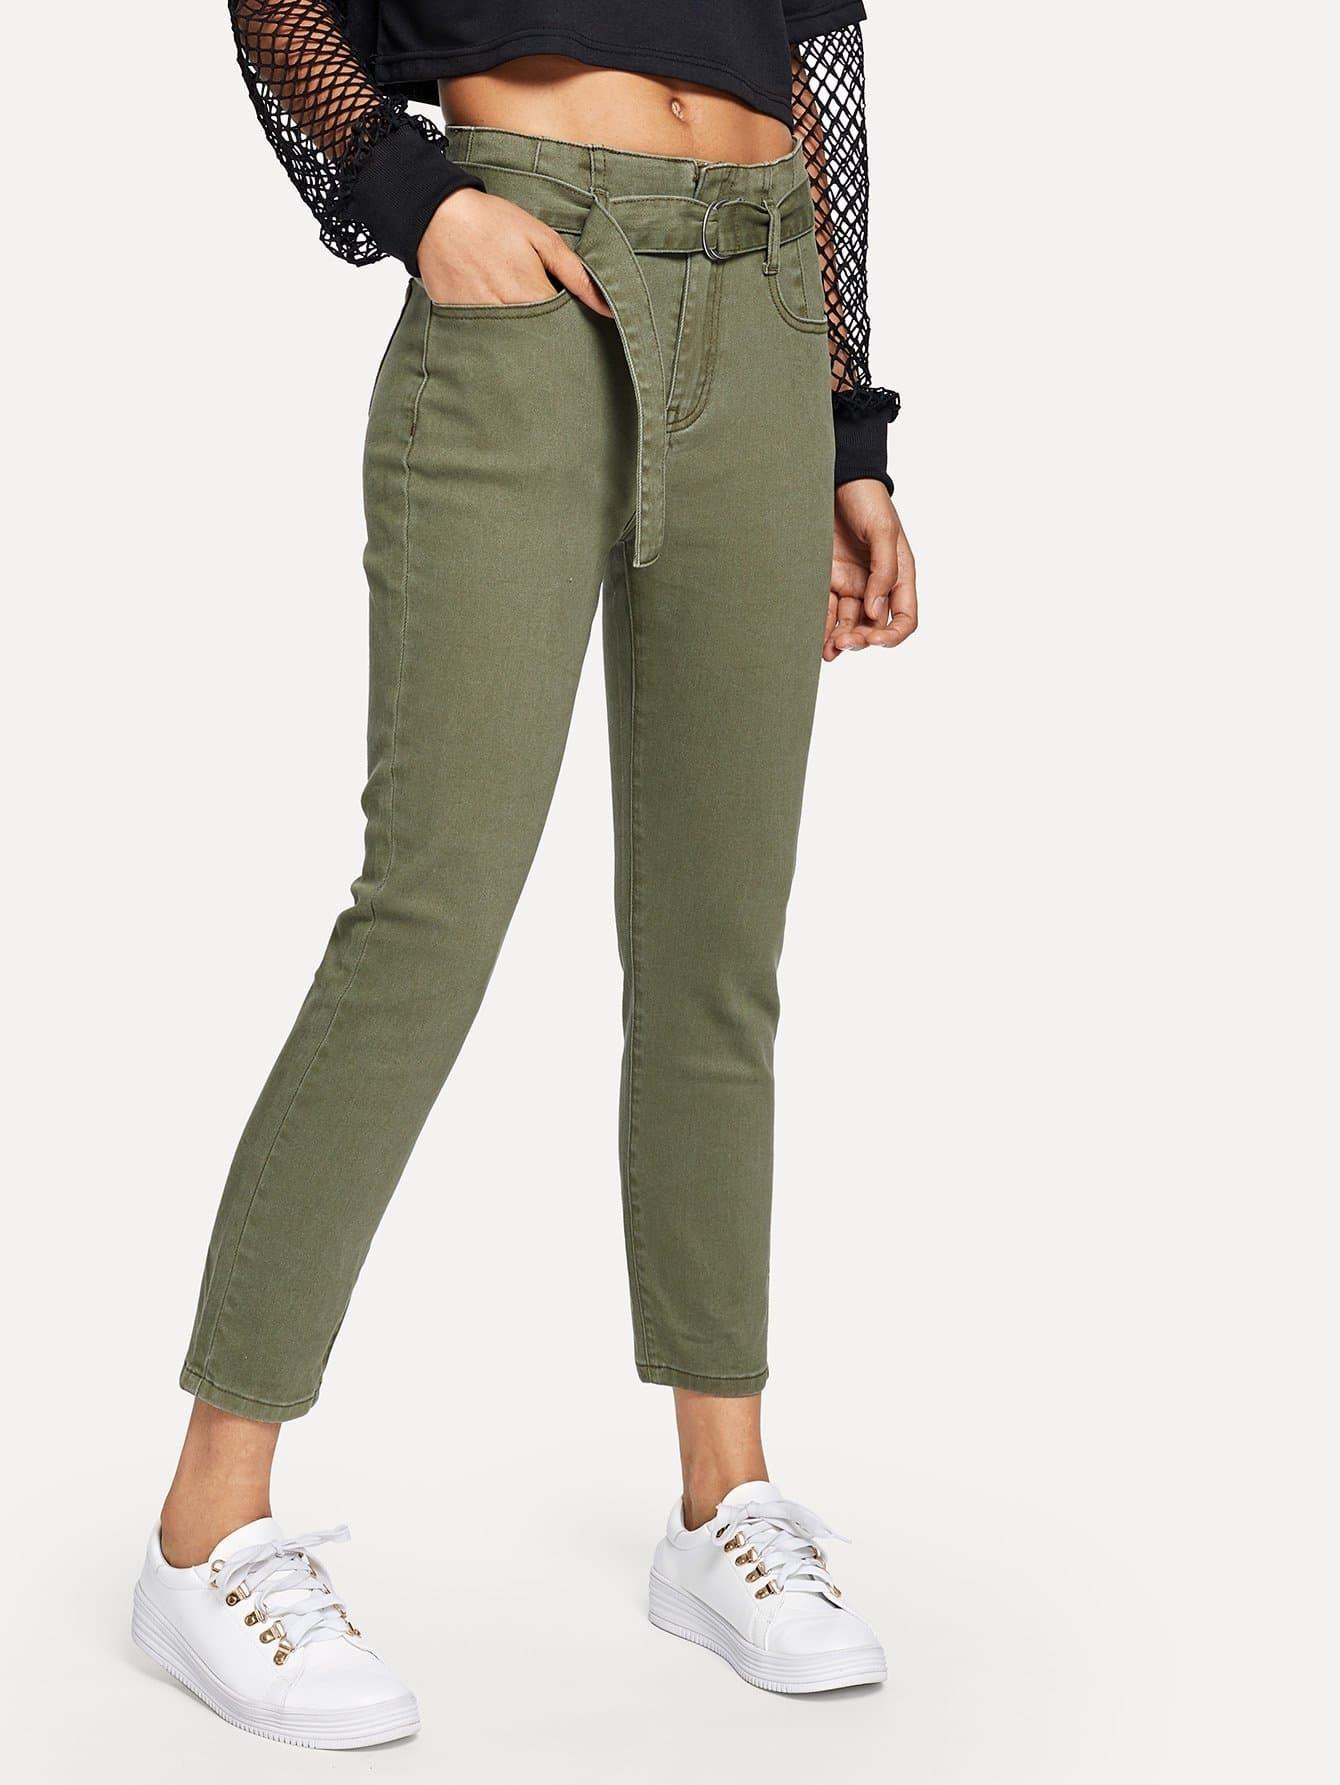 Купить Обтягивающие джинсы с поясом, Ana, SheIn